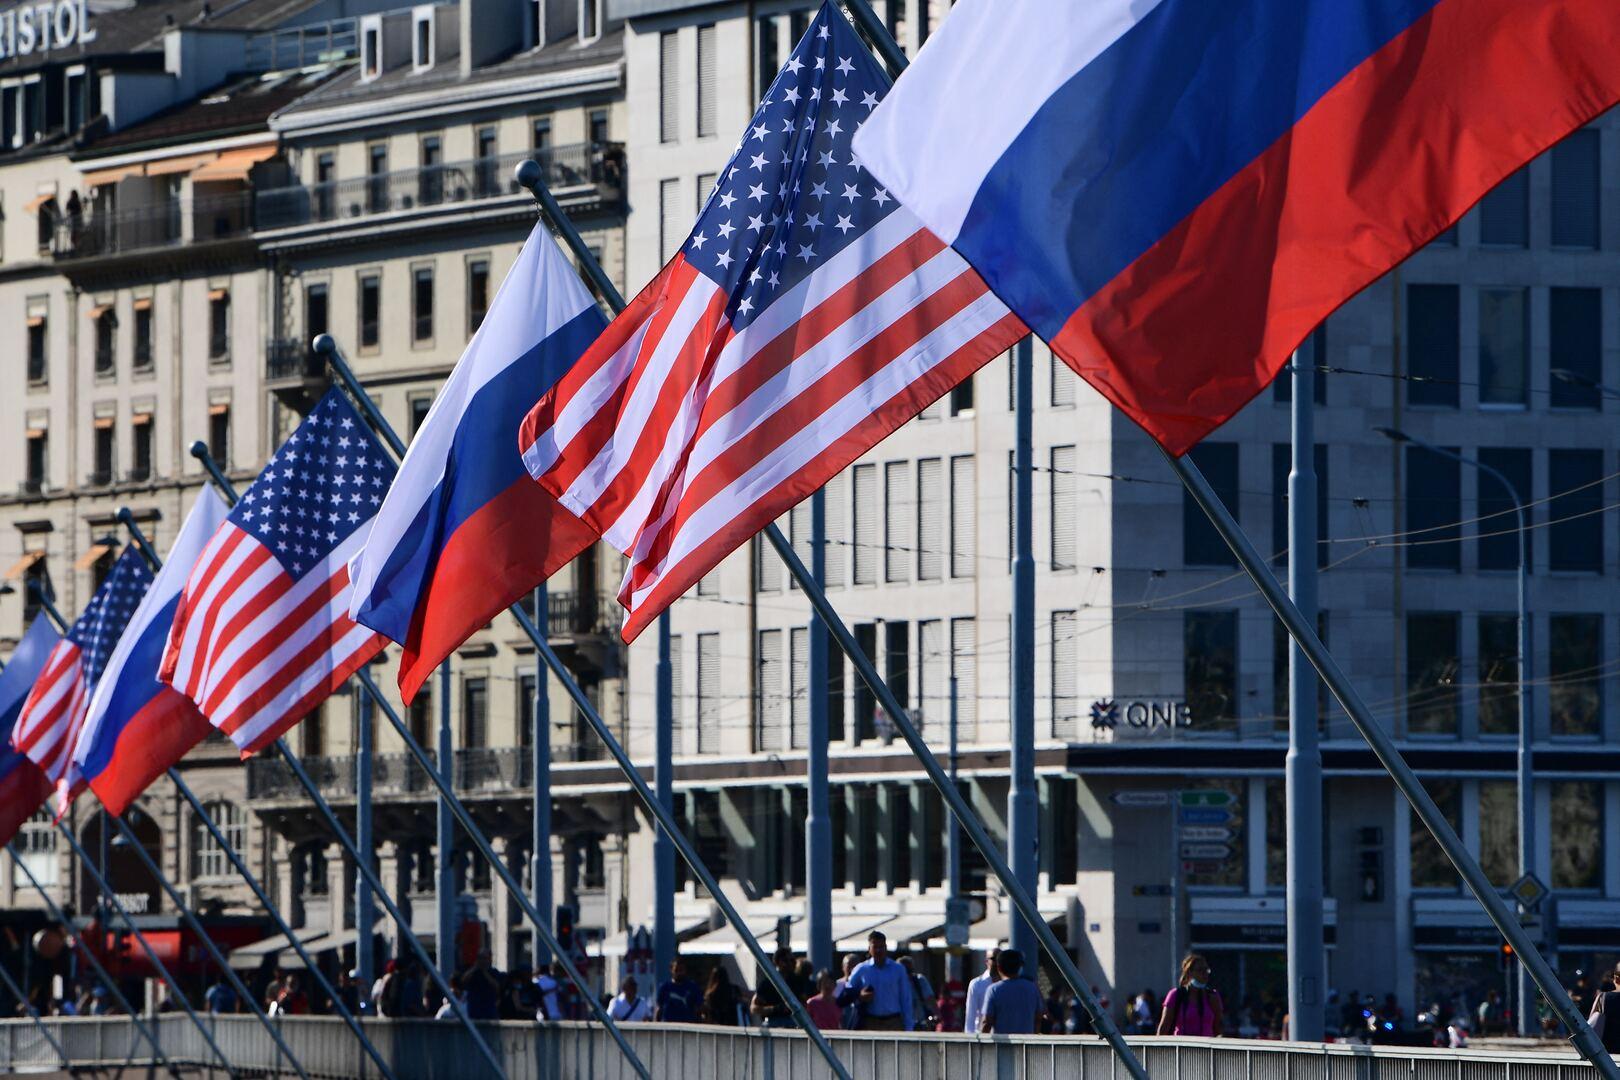 وسائل إعلام: انطلاق الحوار الروسي الأمريكي حول الاستقرار الاستراتيجي في 28 يوليو